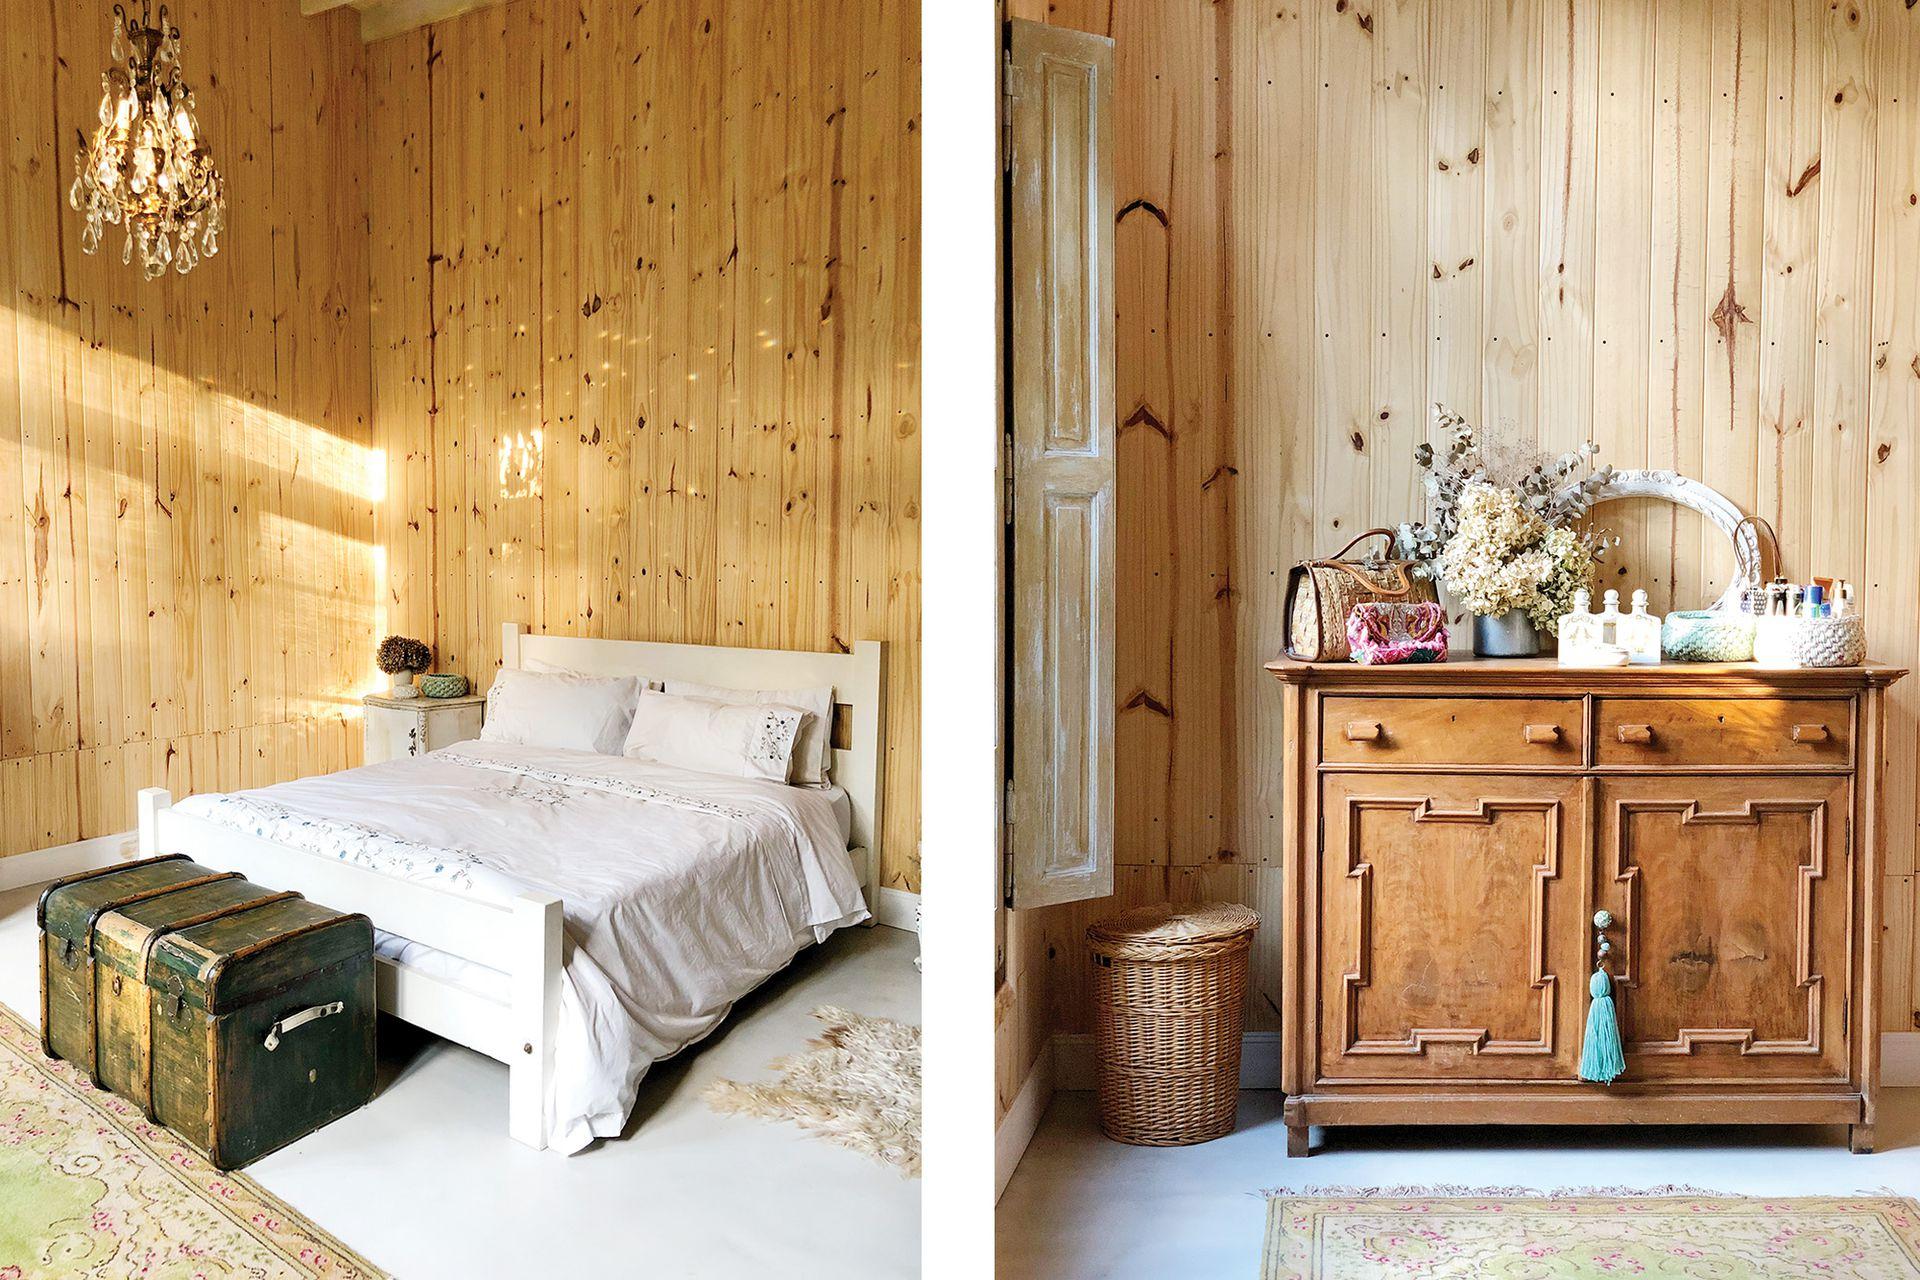 El cuarto principal, simple y acogedor. Con pocos muebles, pero gran efecto.